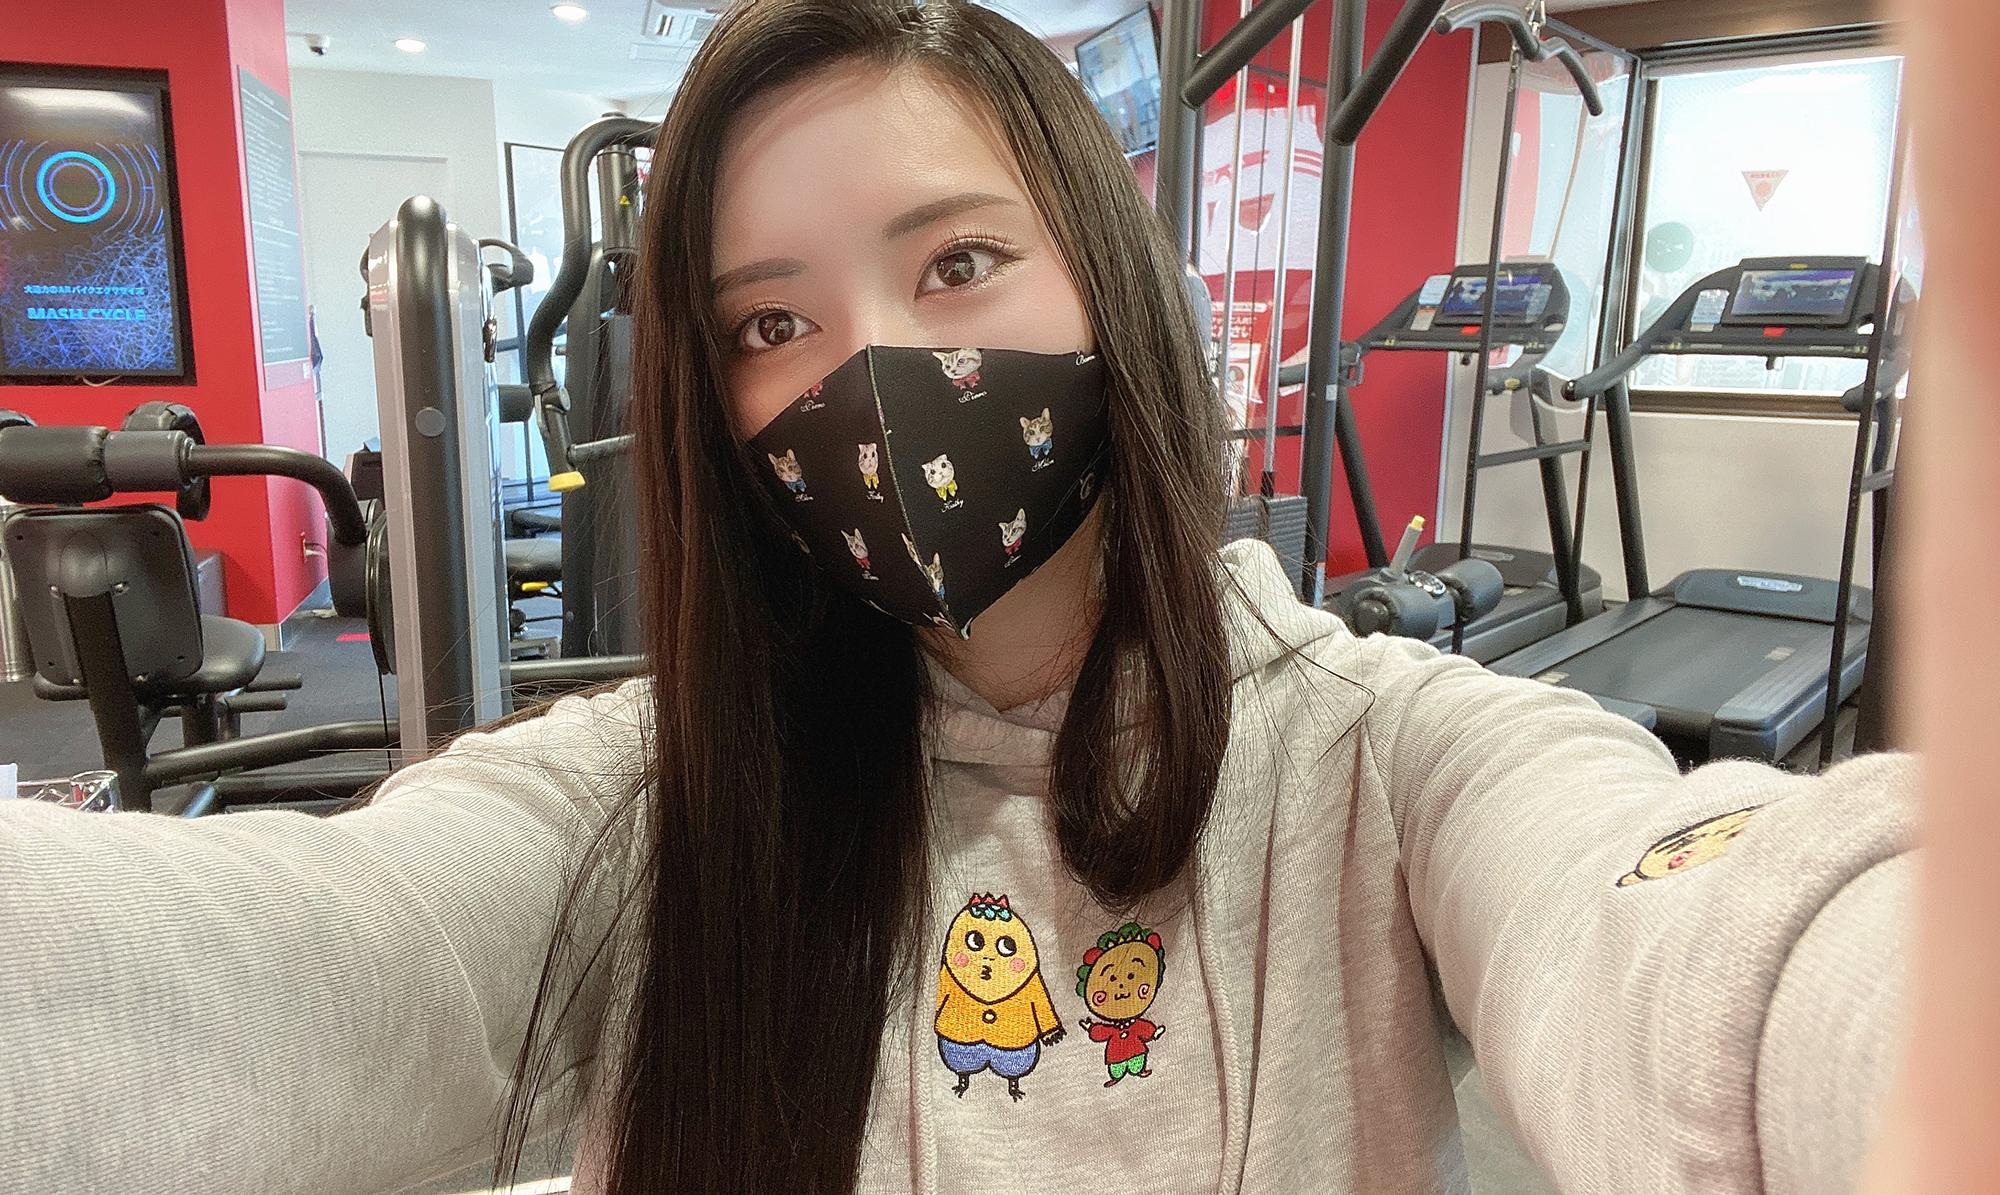 コジコジパーカー美女自撮り黒髪ロングストレートジムトレーニング筋トレ